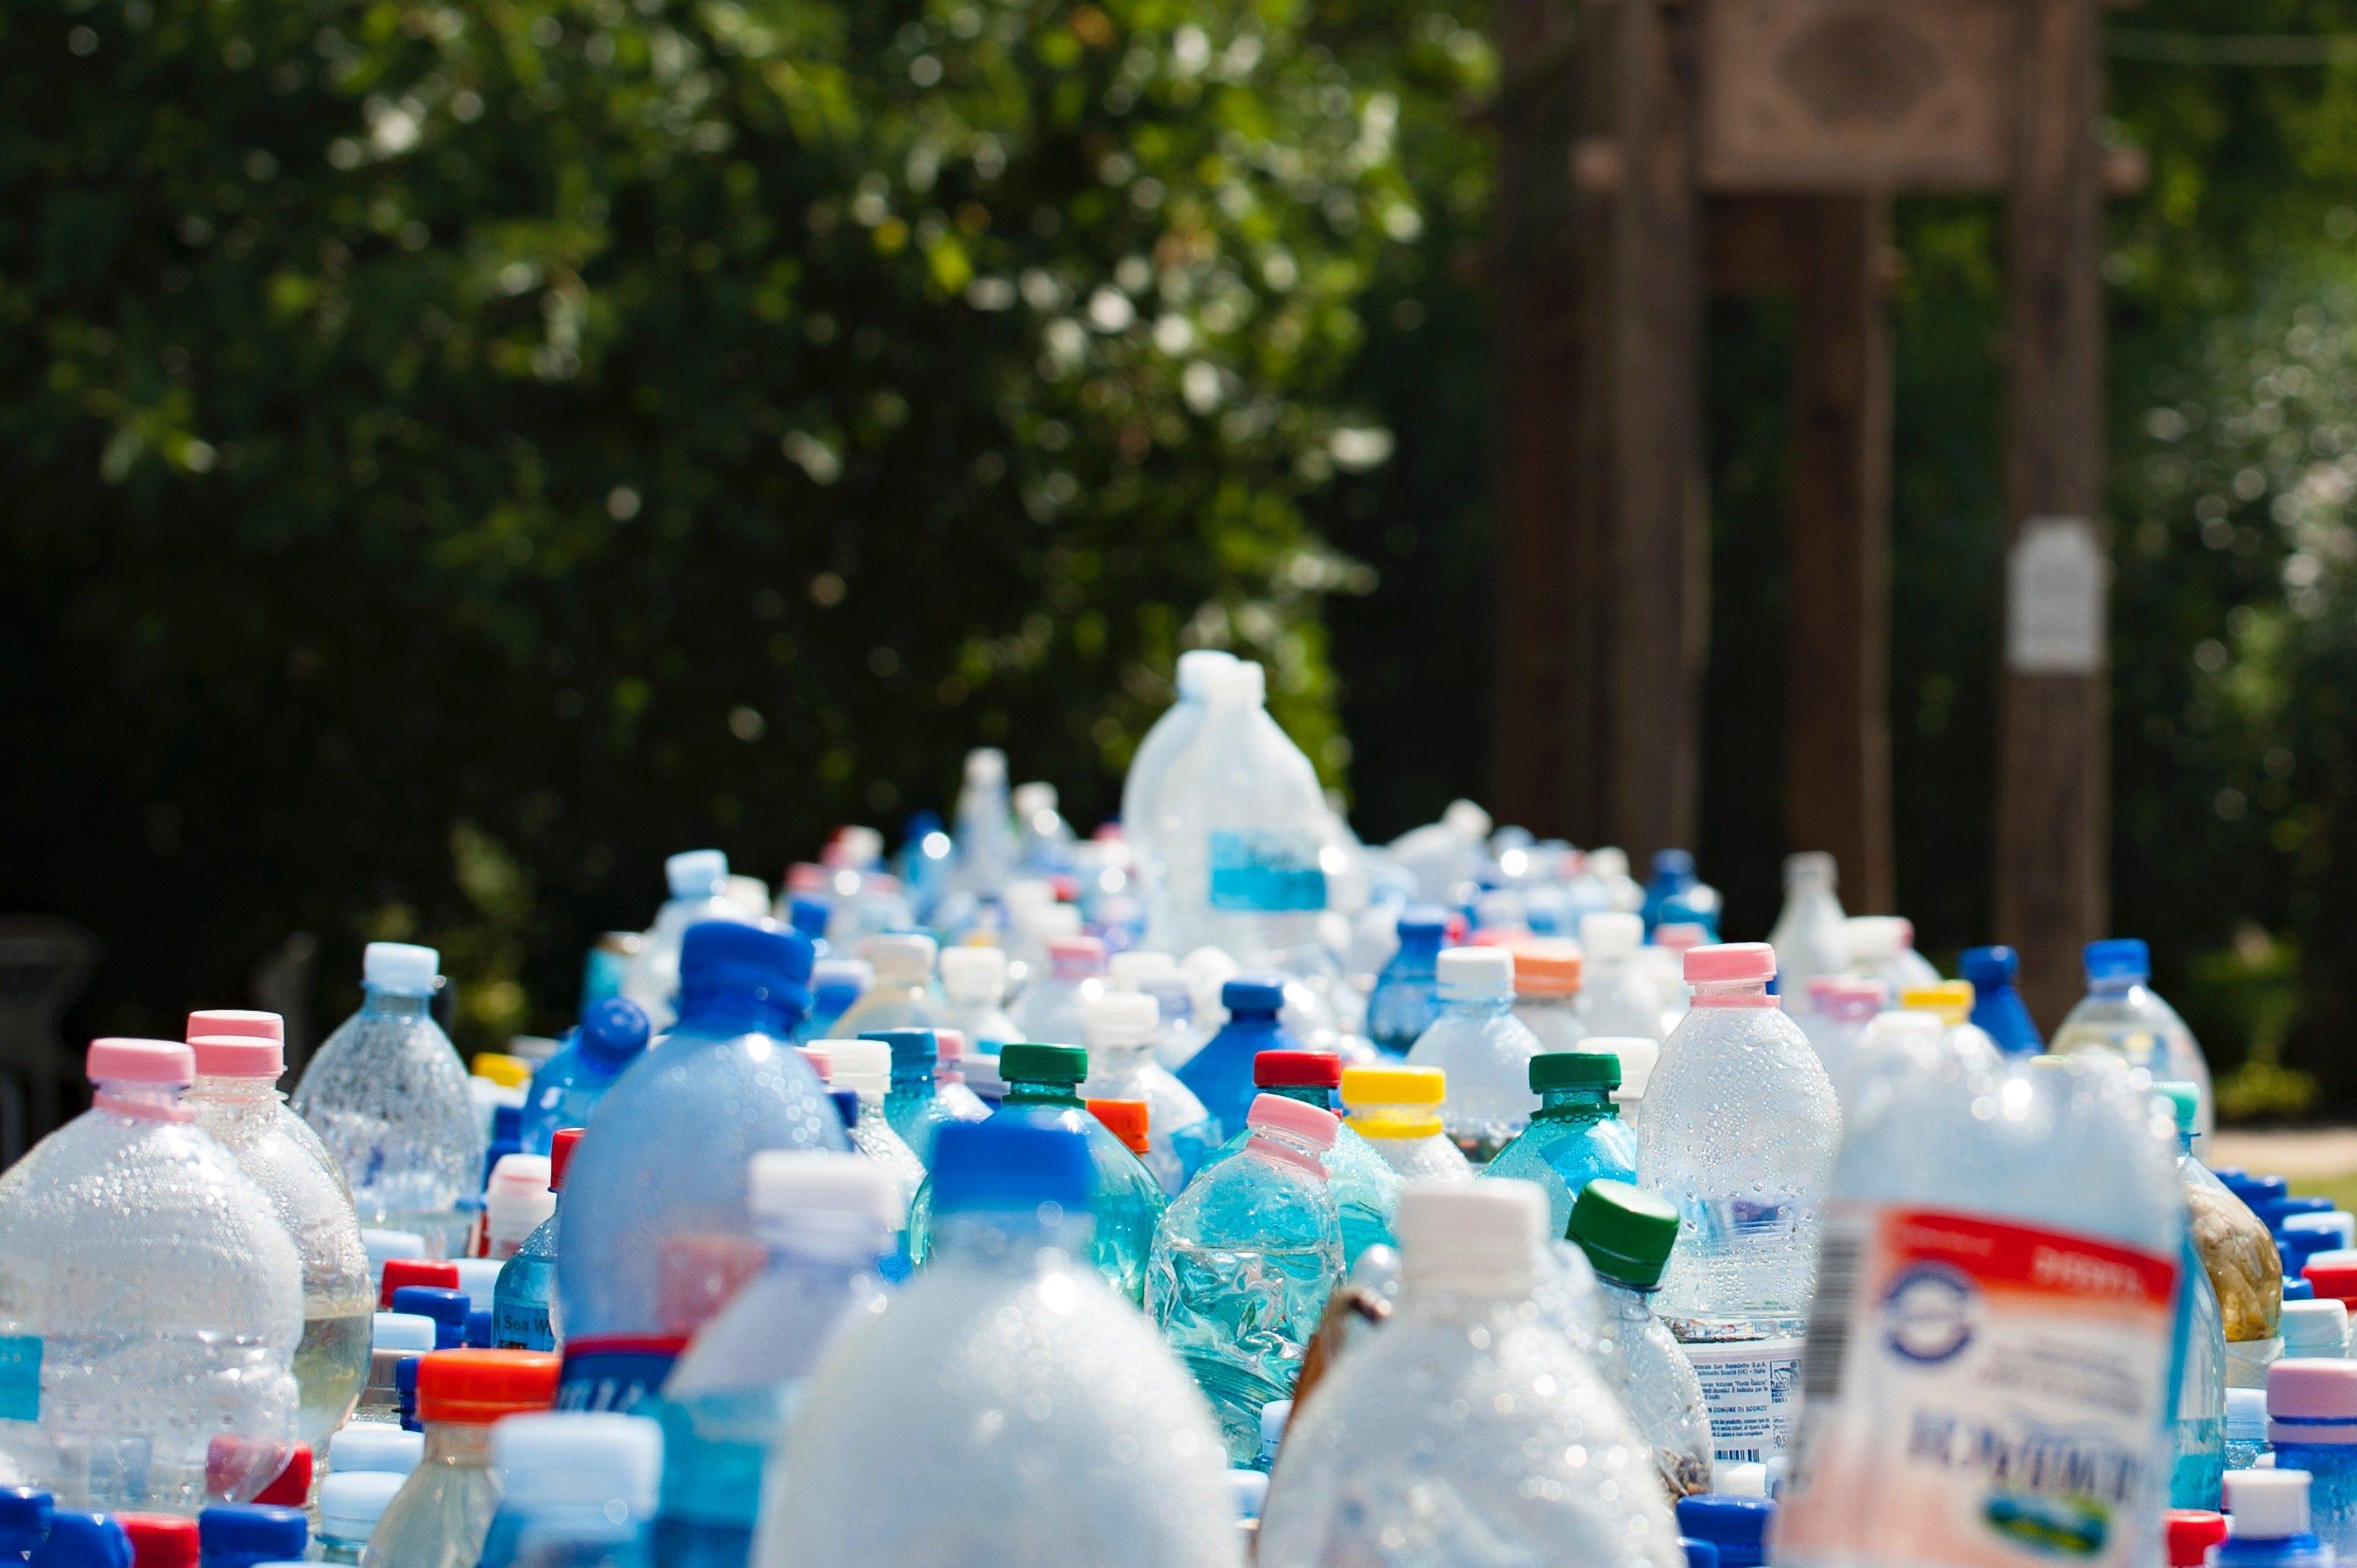 Grupo de botellas de plástico